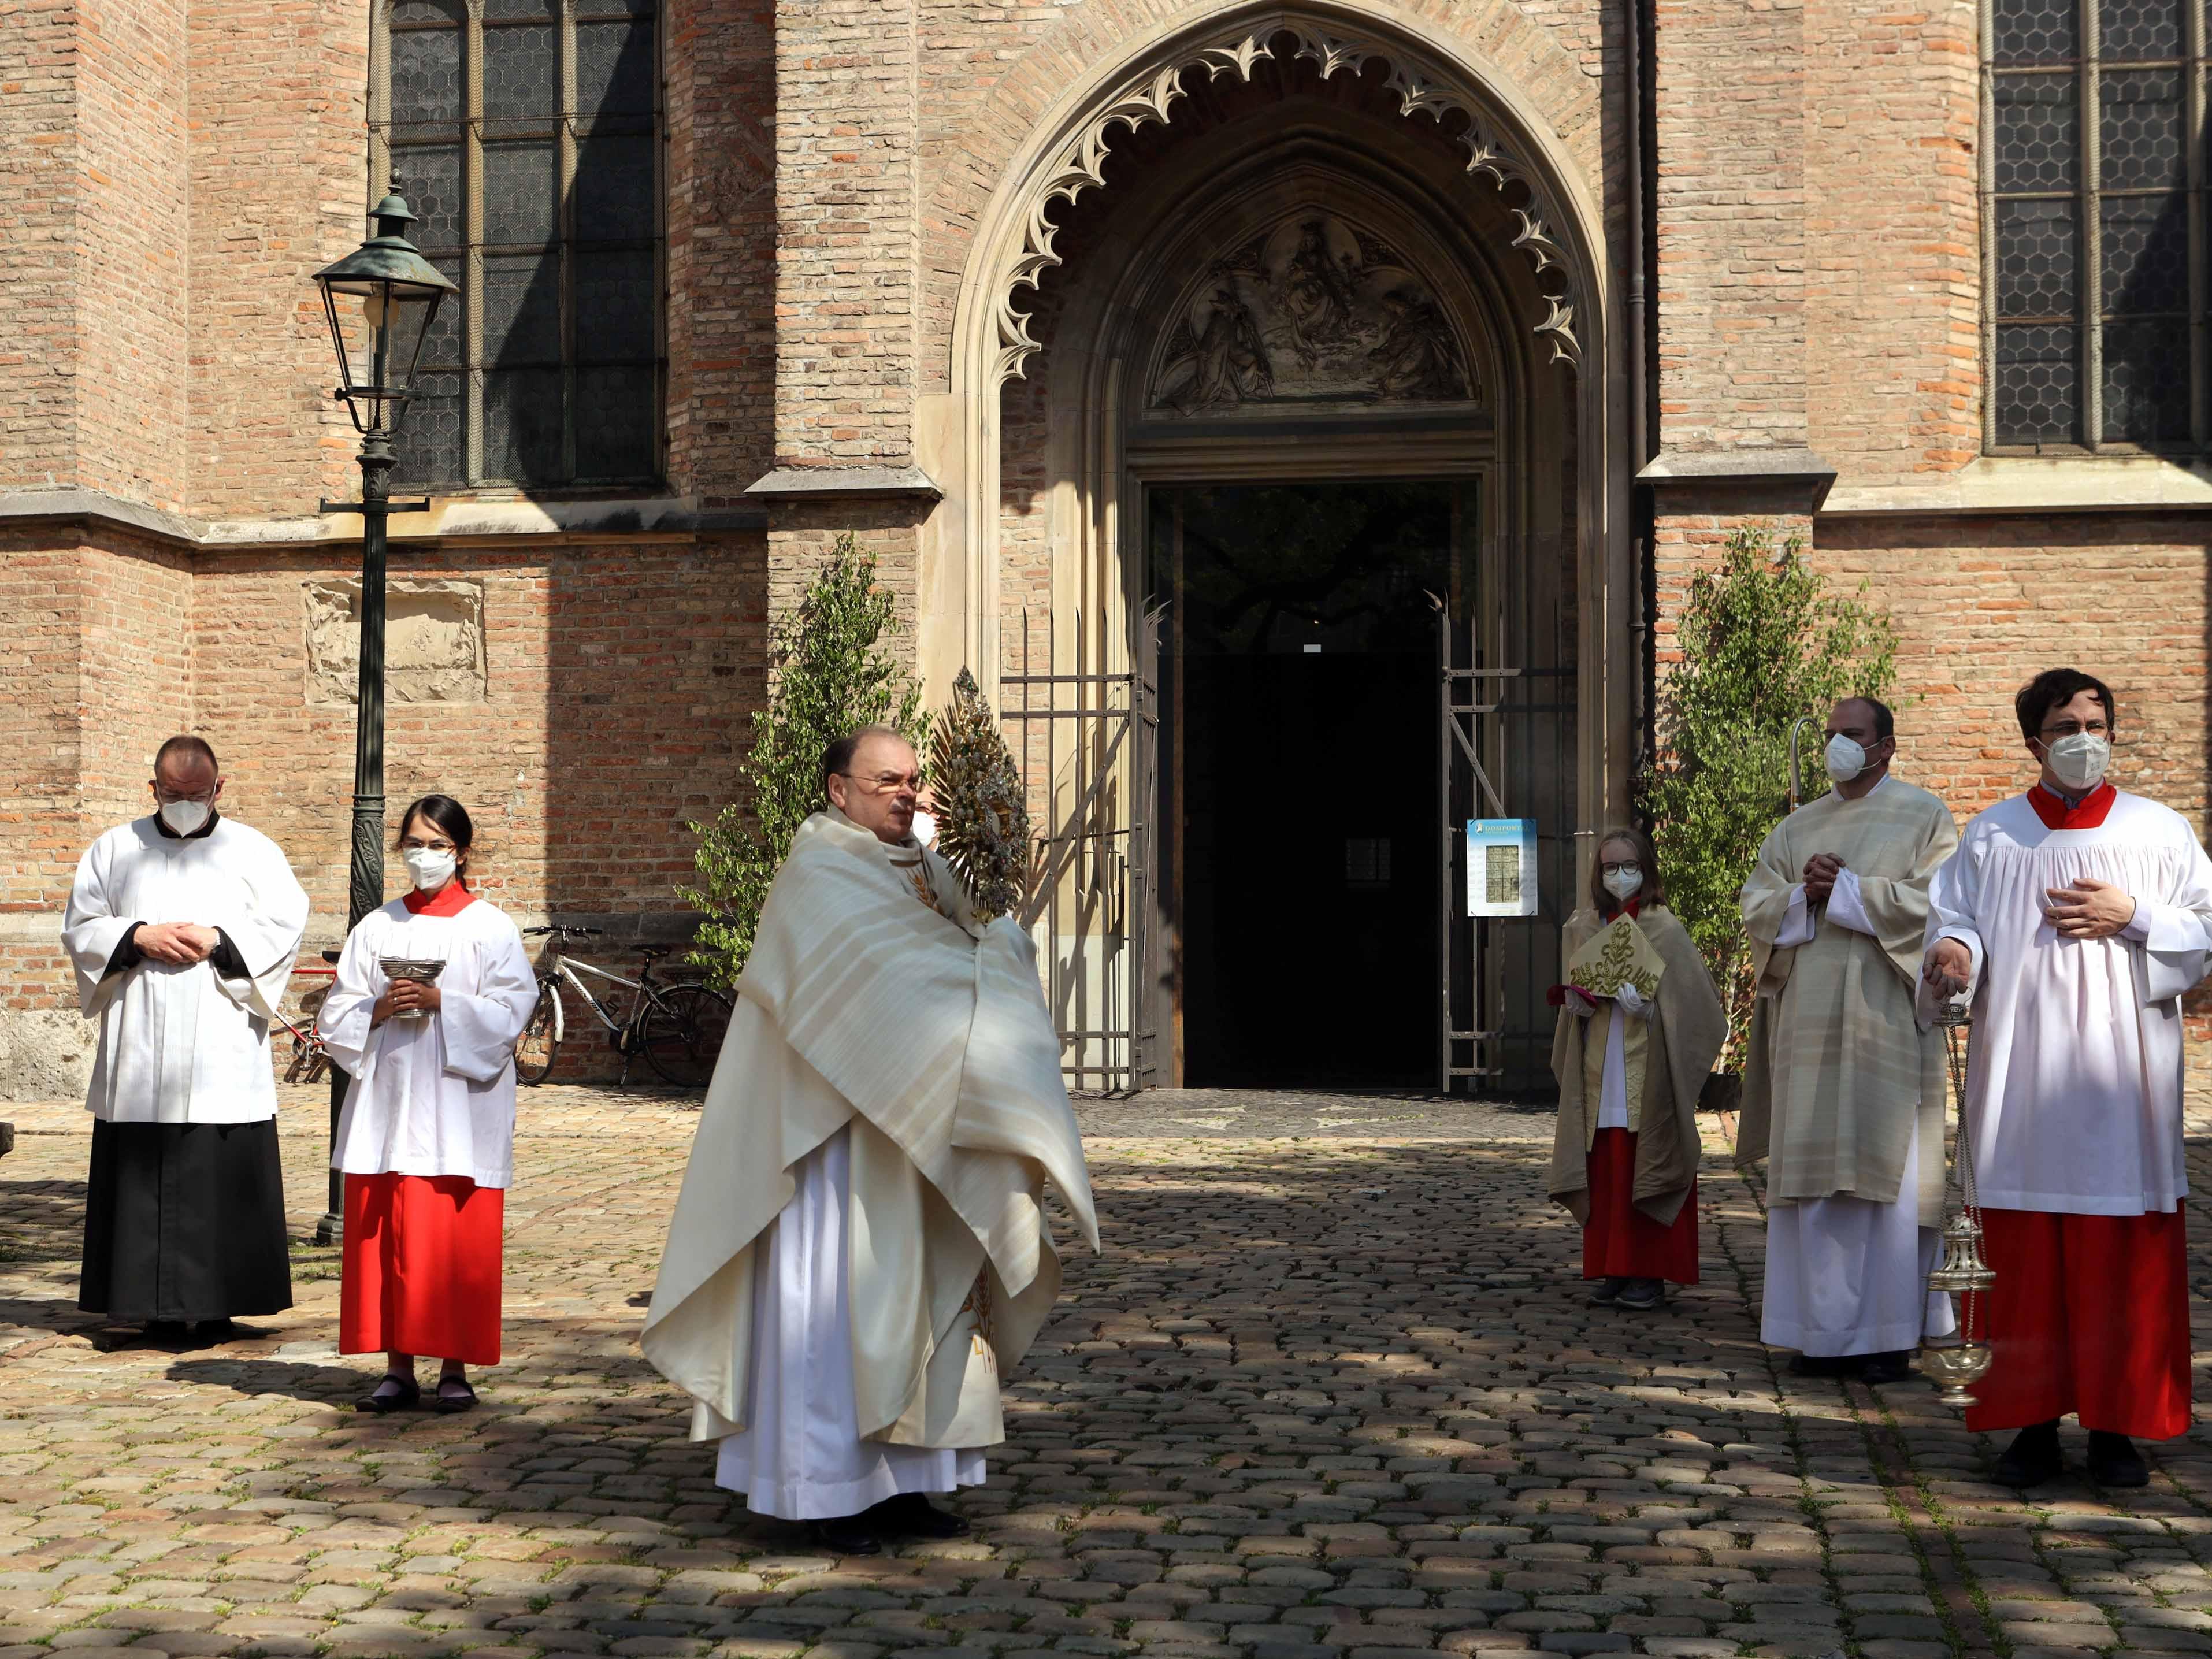 Statt der traditionellen Prozession durch die Stadt hielt Bischof Bertram coronabedingt eine Statio auf dem Domplatz und segnete die Stadt sowie ihre Bewohner (Fotos: Annette Zoepf / pba)